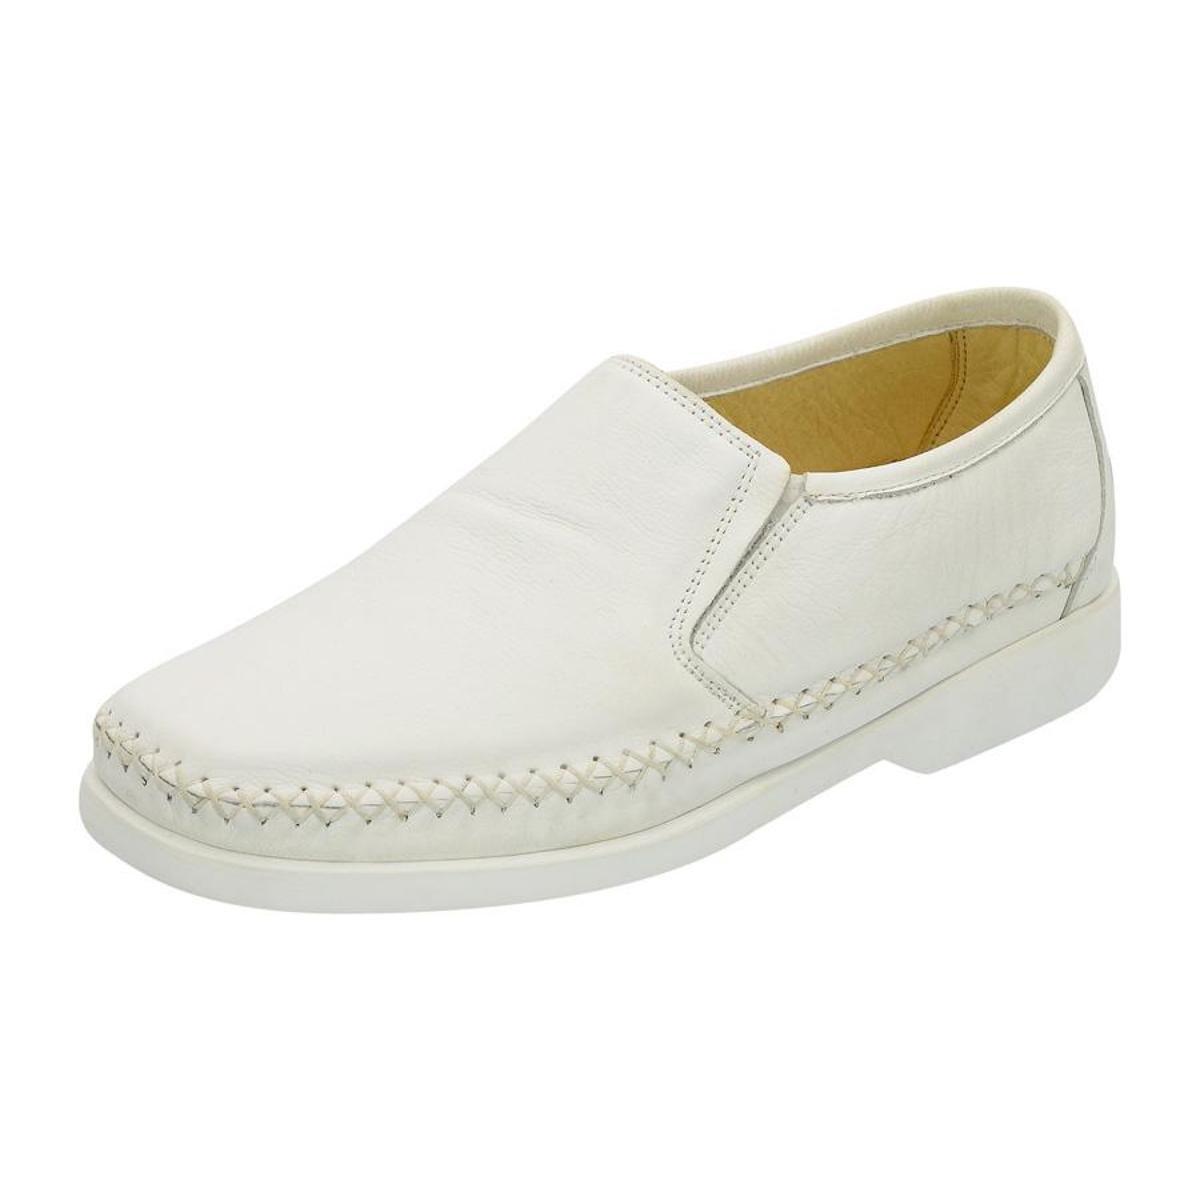 Masculino Couro Couro G Sapato Way Masculino Way Casual G Branco Casual Sapato Z1SwCCq